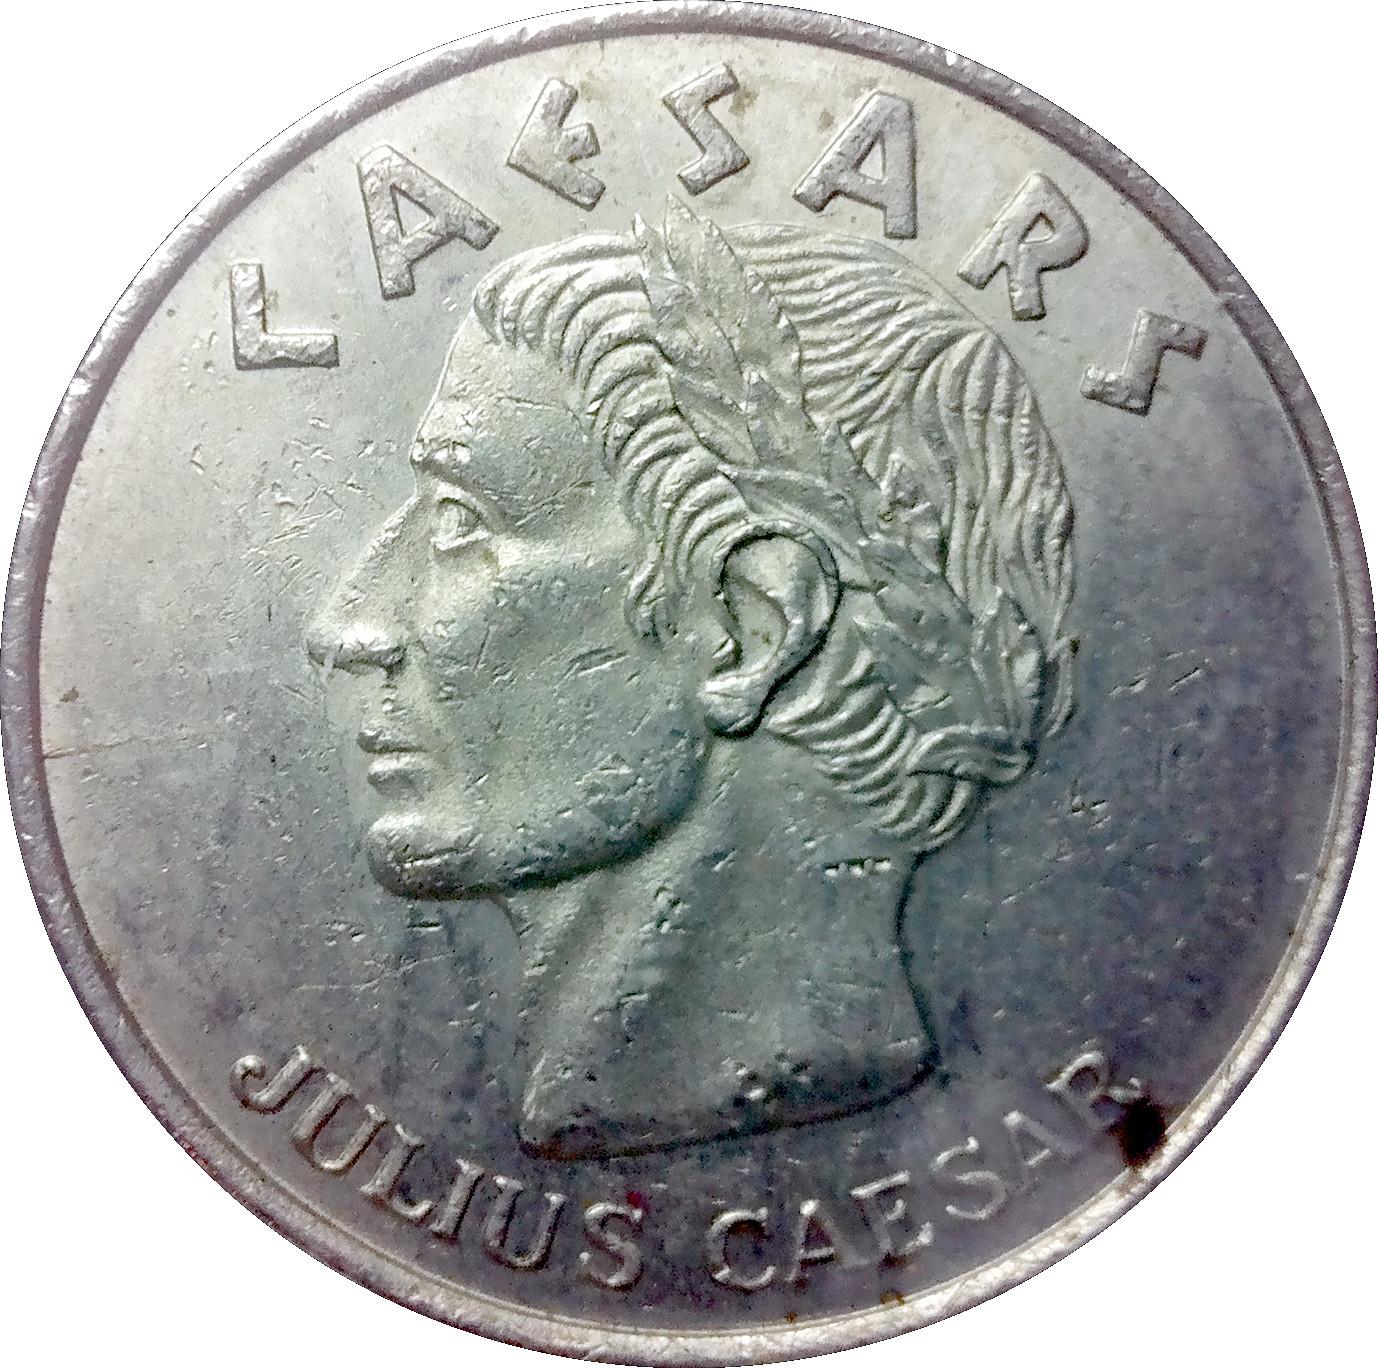 Caesars Casino Coins